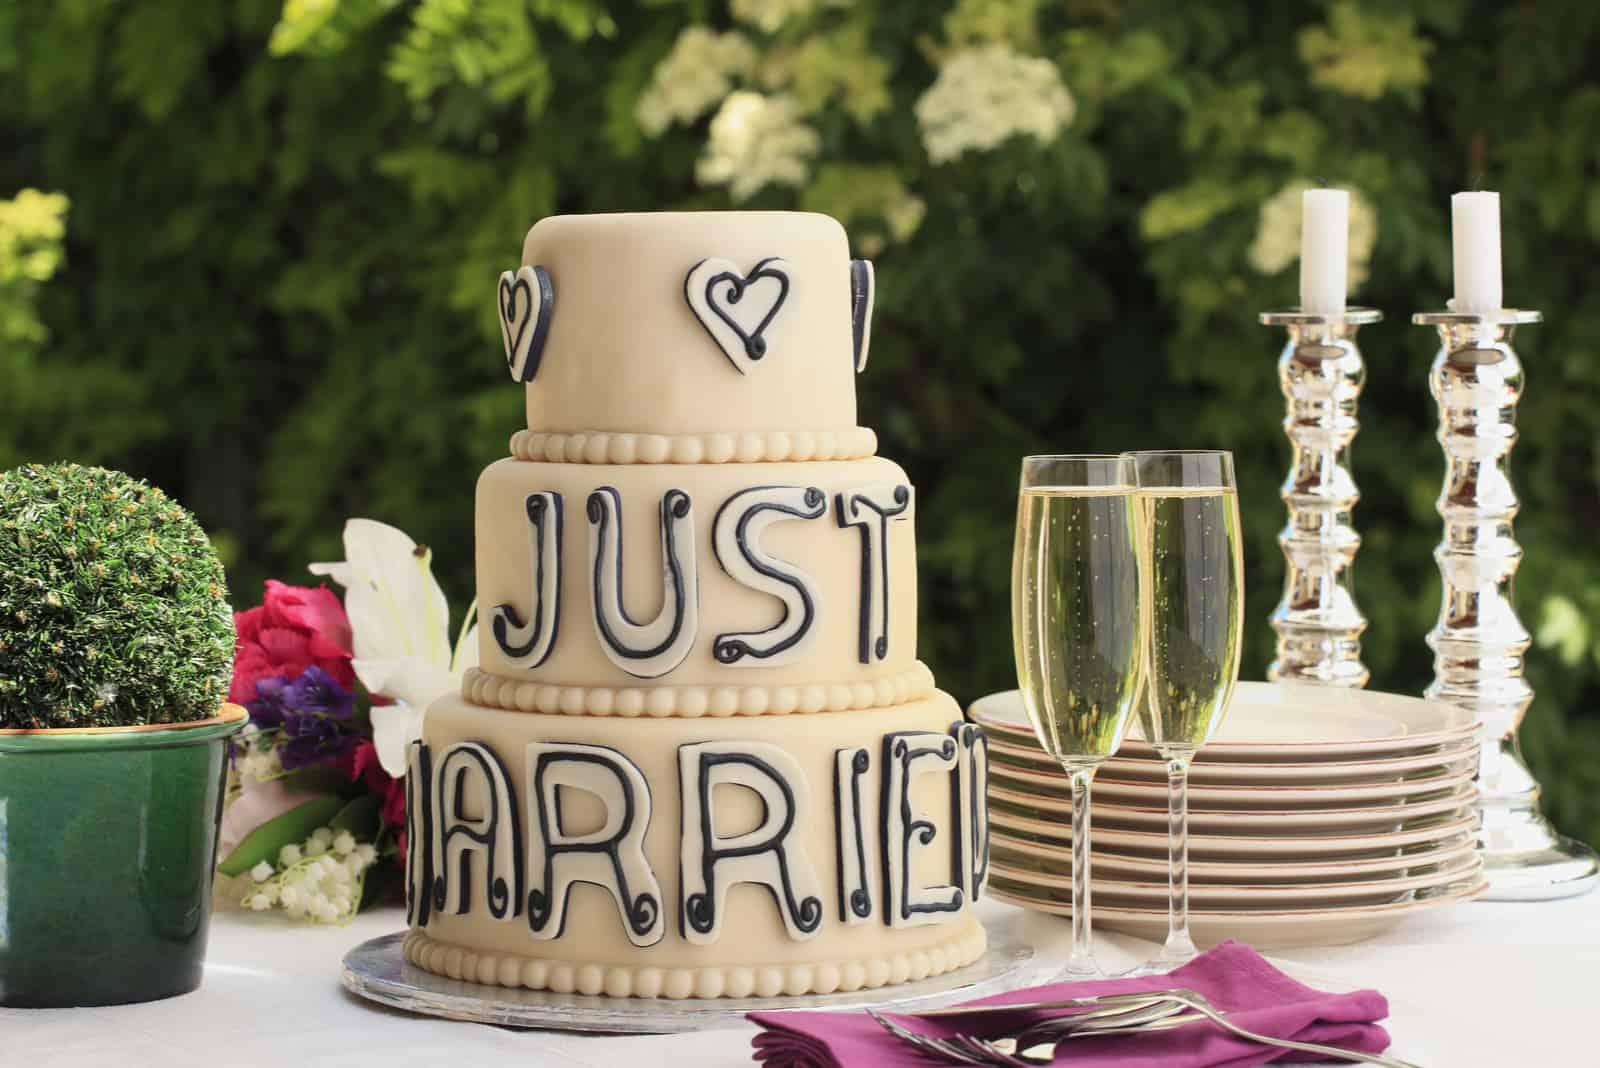 Hochzeitstorte mit der Aufschrift nur Hochzeit und Champagner